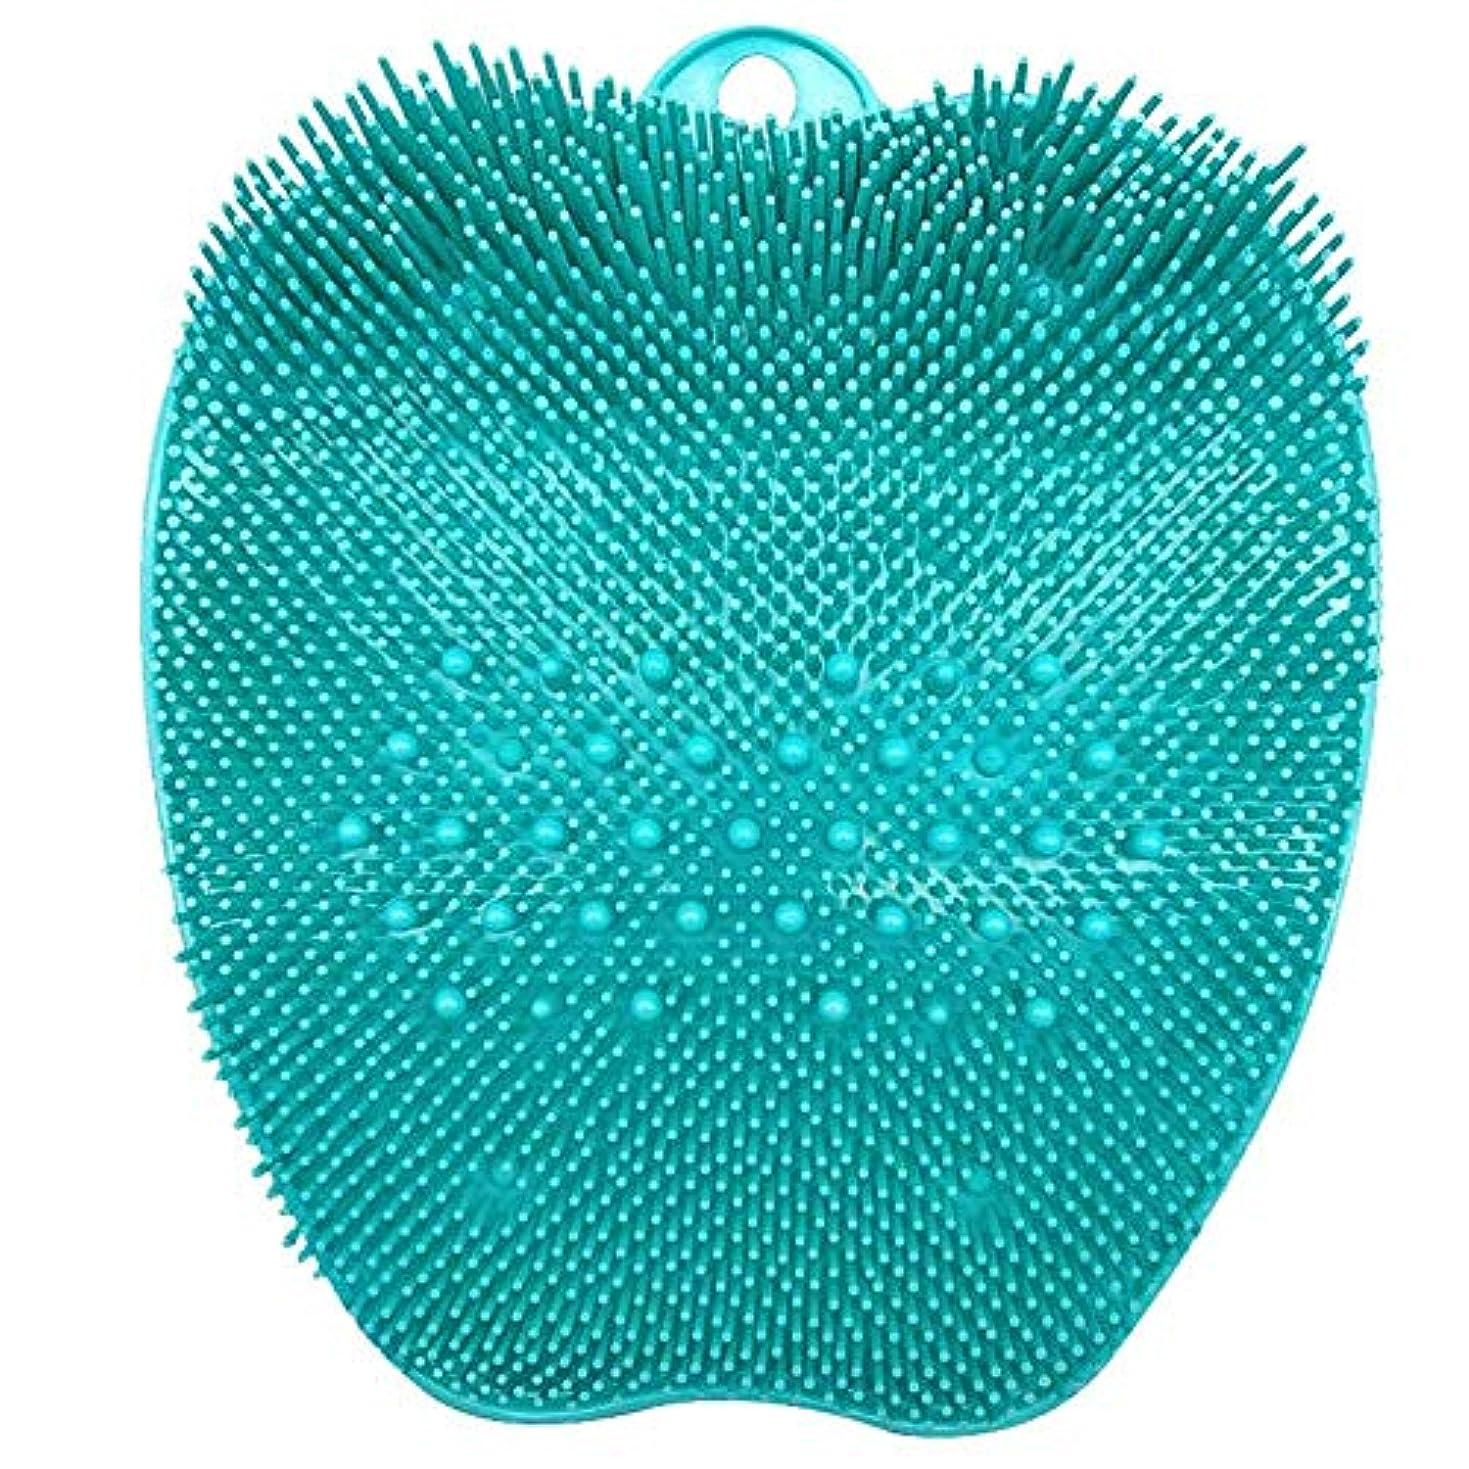 リフレッシュライオン規定CatChi フットブラシ 足洗いマット 汚れ除去 足裏マッサージ 角質ケアブラシ ストレス解消 お風呂用